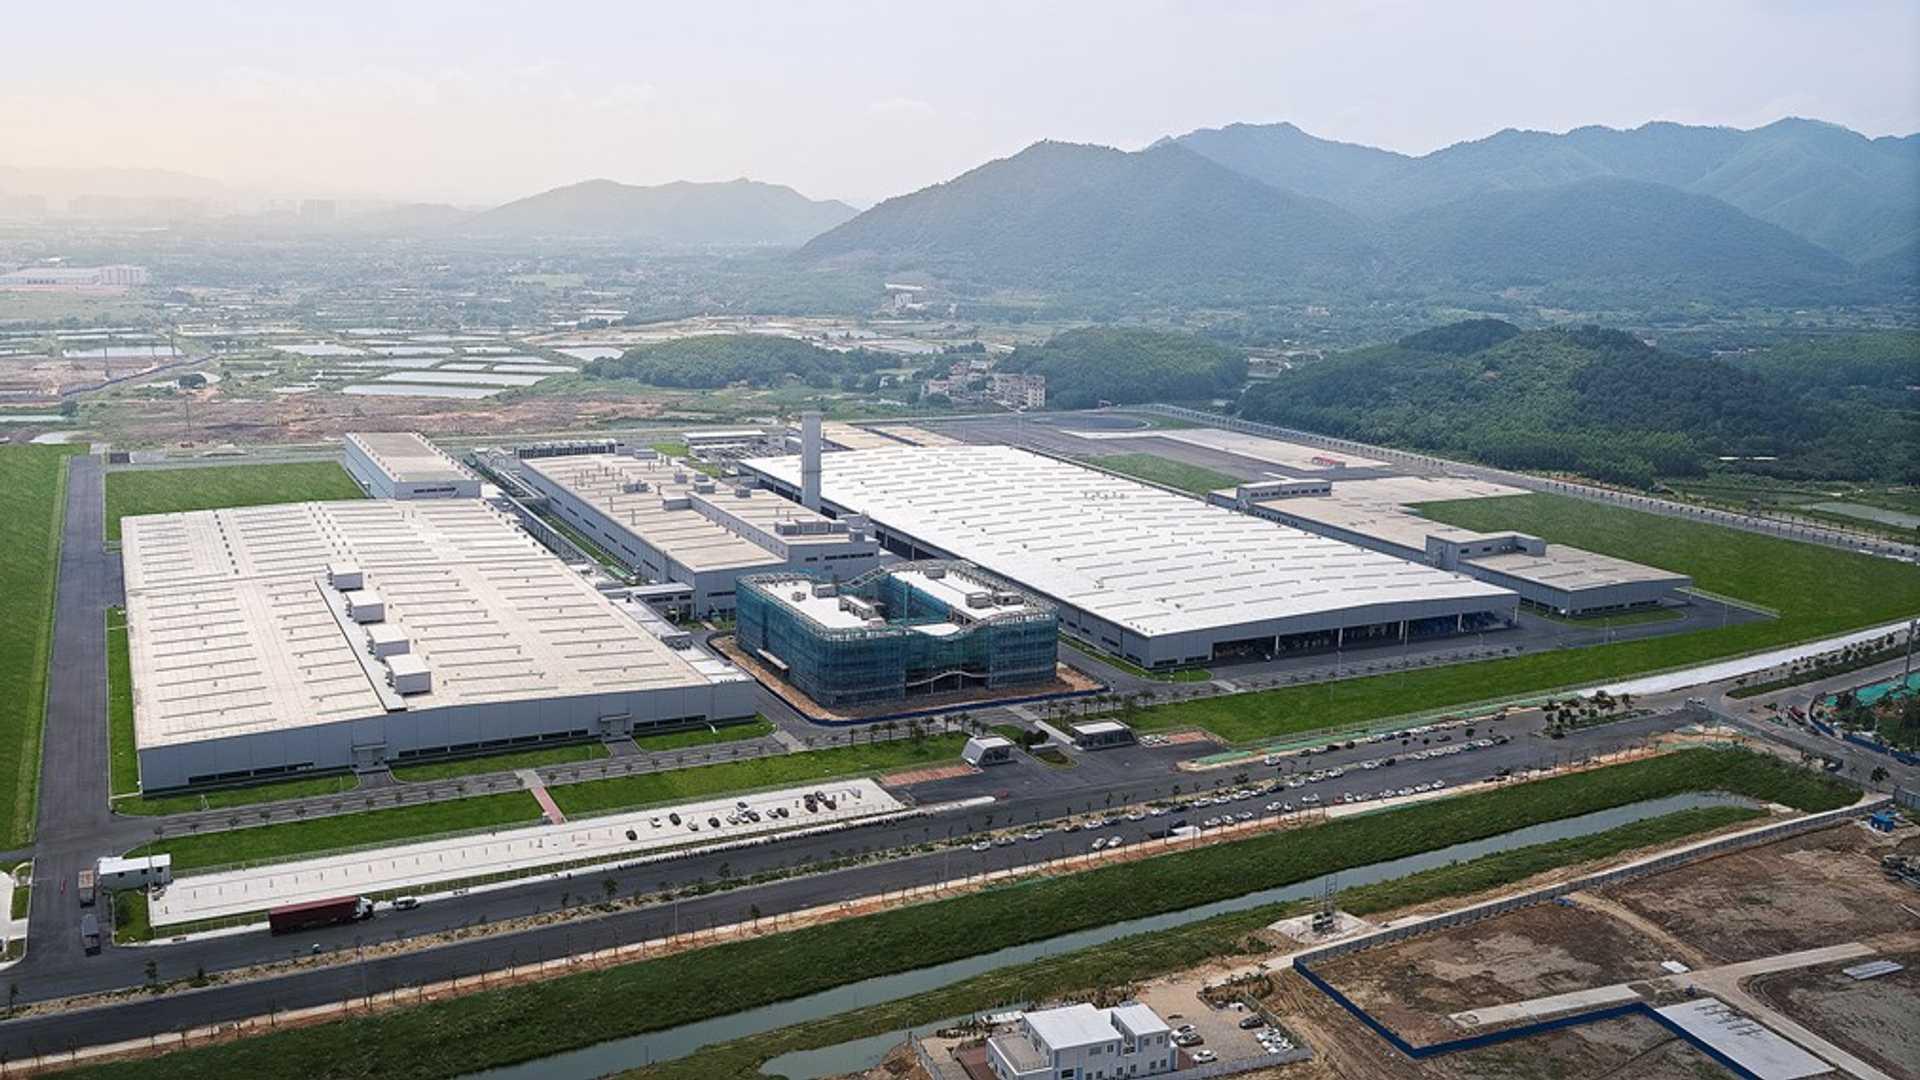 Xpeng получила лицензию на производство и будет производить автомобили на заводе в Чжаоцин